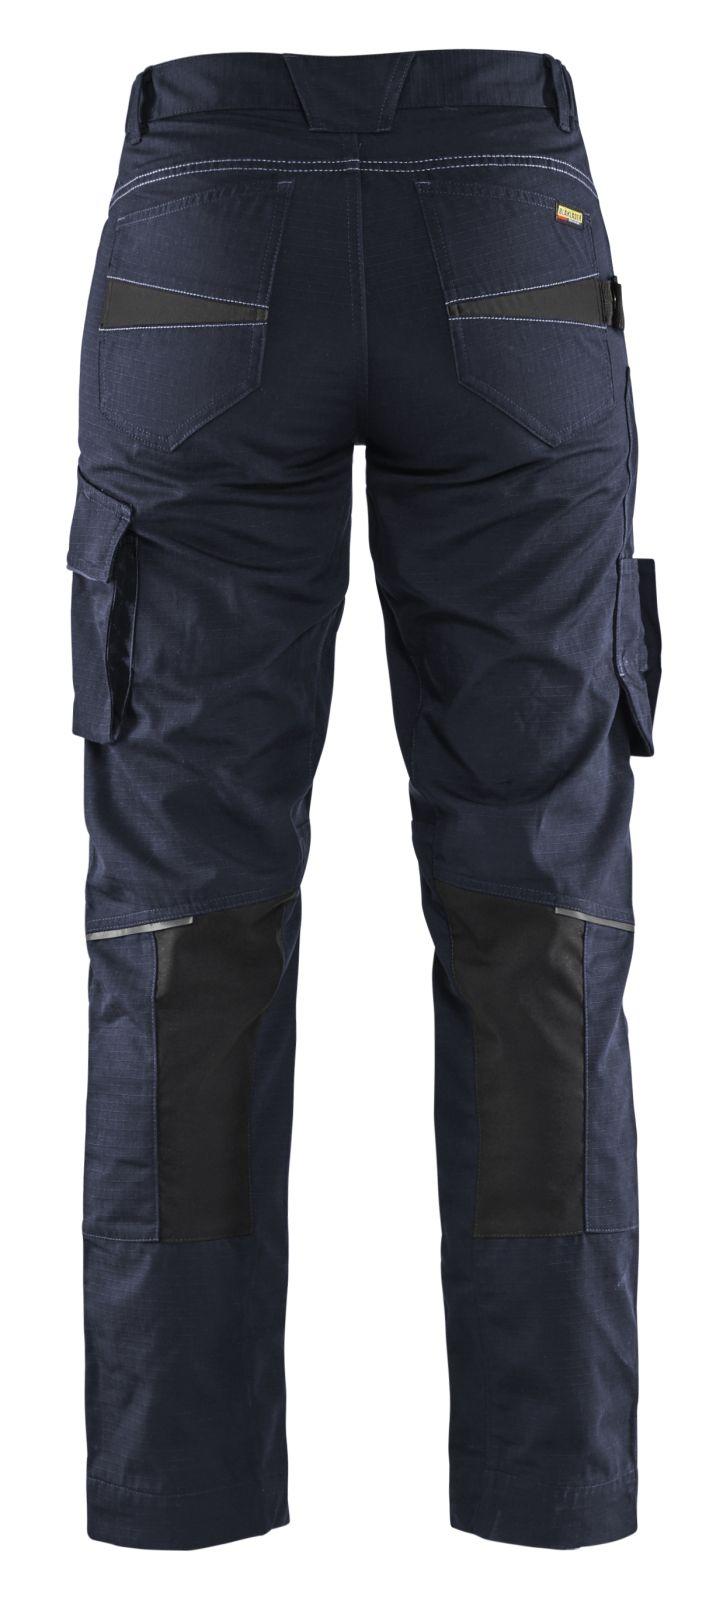 Blaklader Dames werkbroeken 71951330 donker marineblauw-zwart(8699)